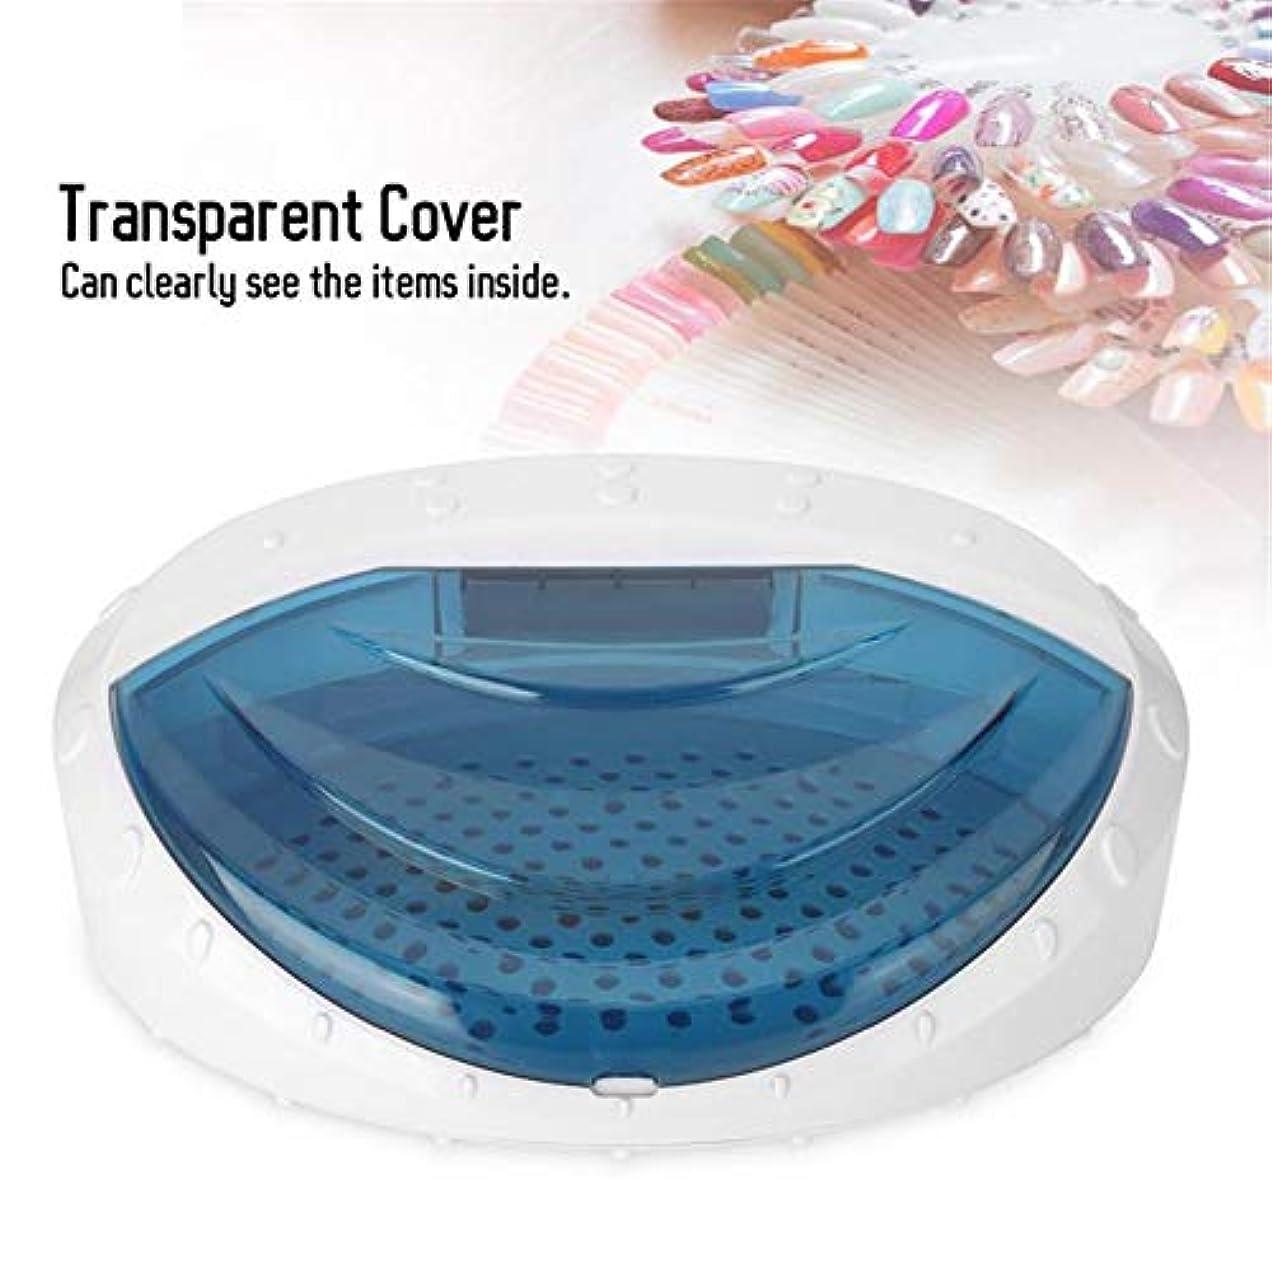 気絶させる遮るオーチャード紫外線滅菌器ネイルマニキュアツール消毒キャビネットボックスタオル滅菌器機器